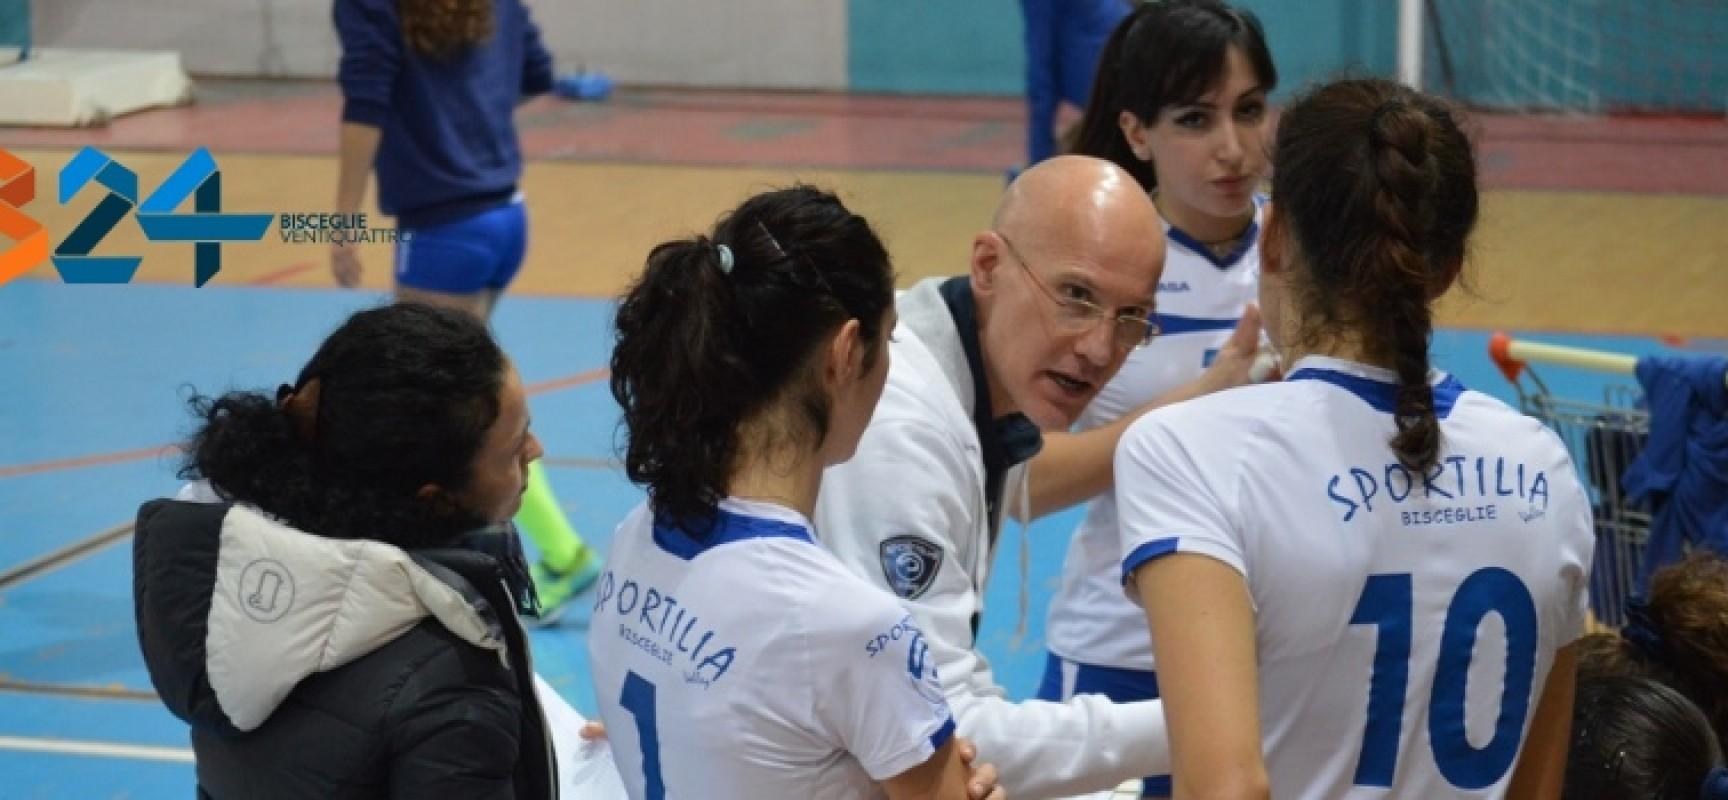 Sportilia si sveglia troppo tardi, il Prisma Asem vince 3-0